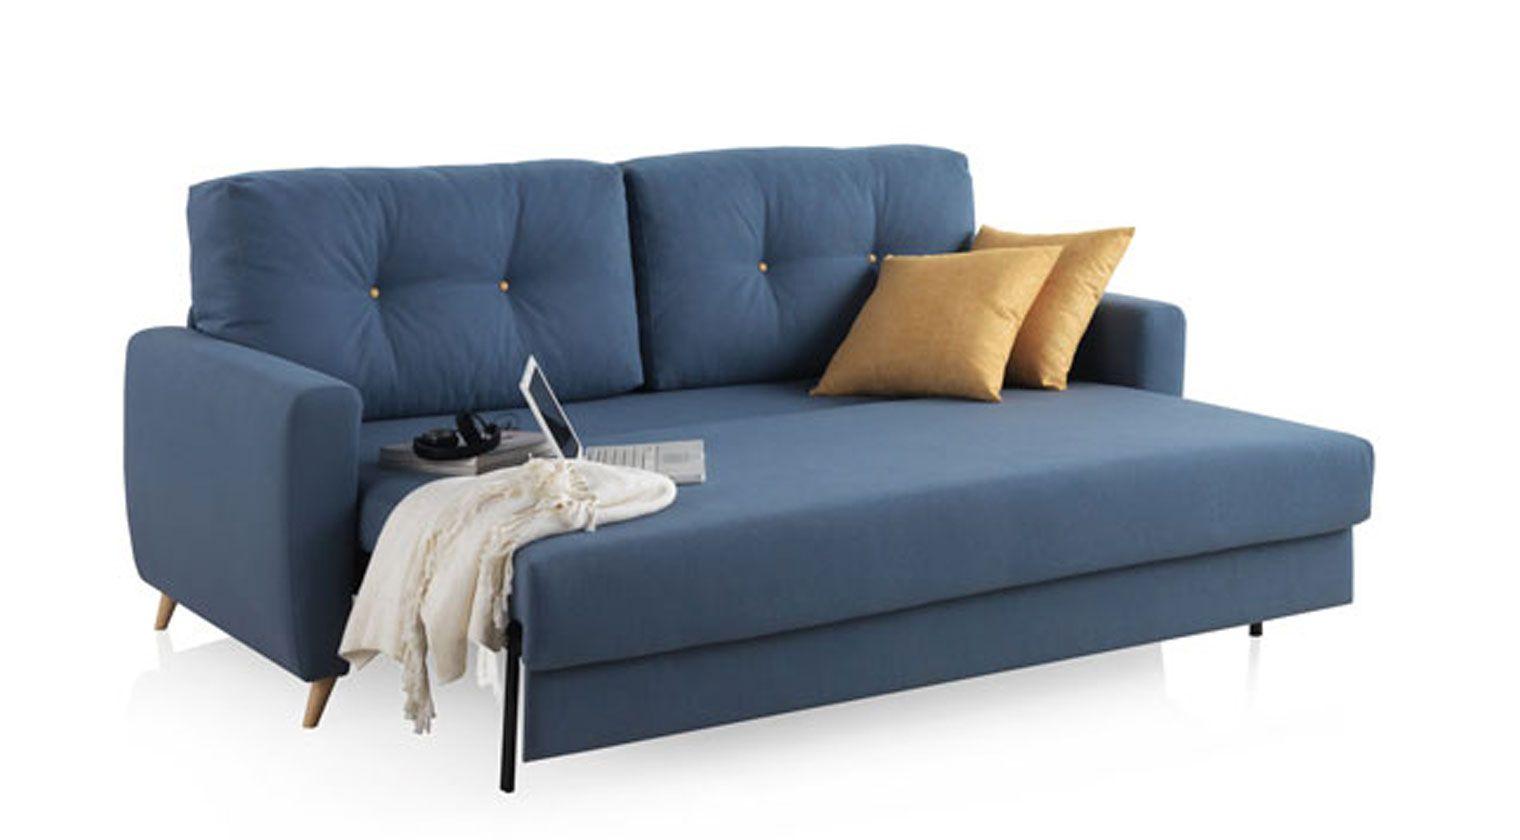 Comprar sof cama nice 1 plaza cama de 80x190 cm aire for Cama 80x190